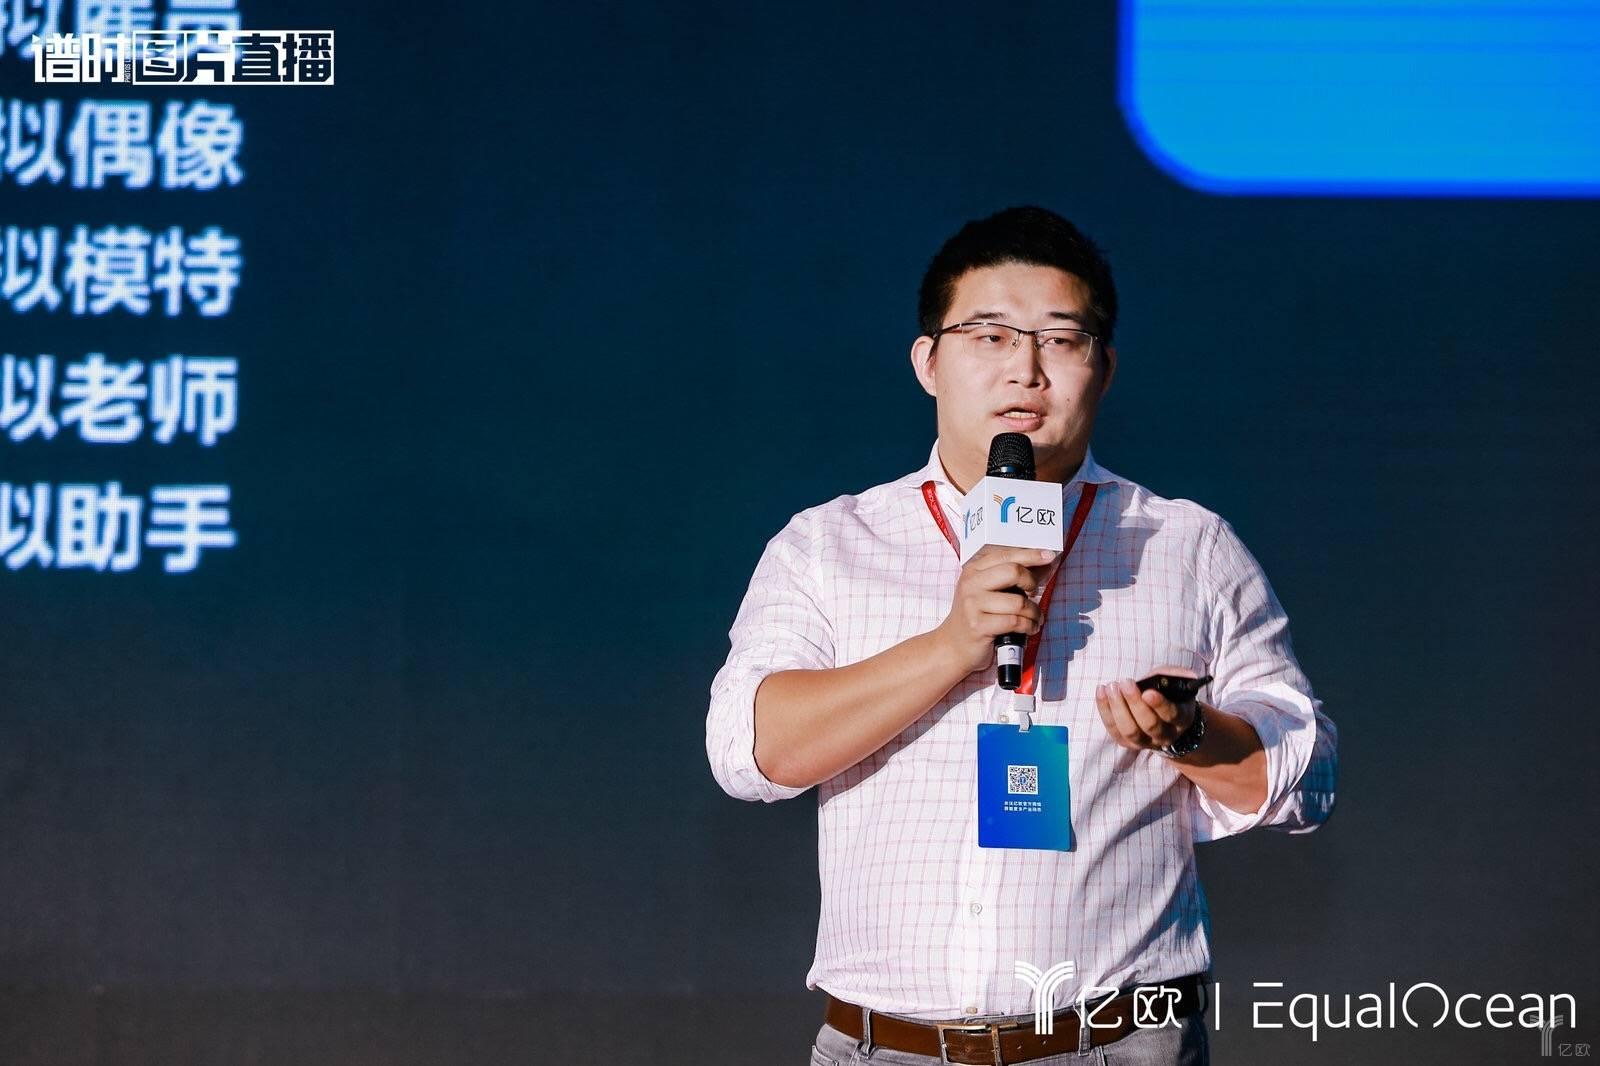 5G娱乐生态丨魔珐科技副总裁张涢:5G+AI赋能虚拟世界产业变革